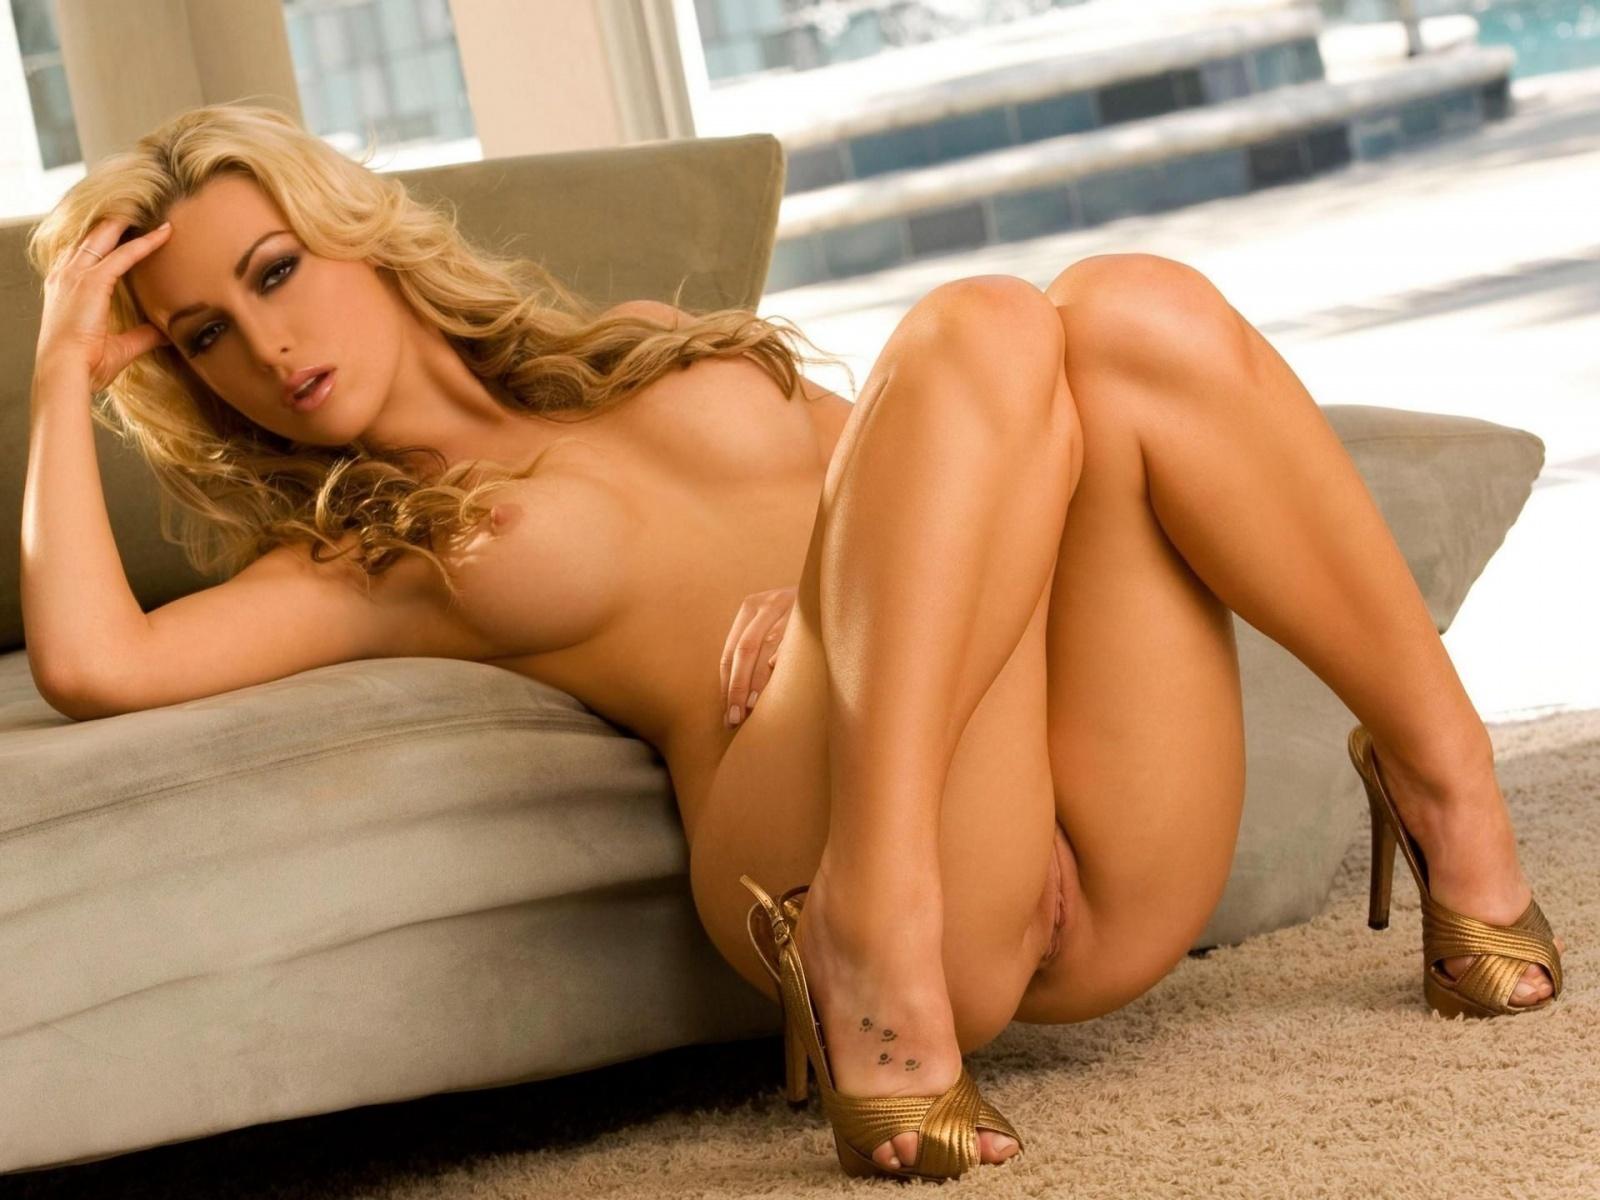 Самые обаятельные красотки со всего интернета (фото) порно